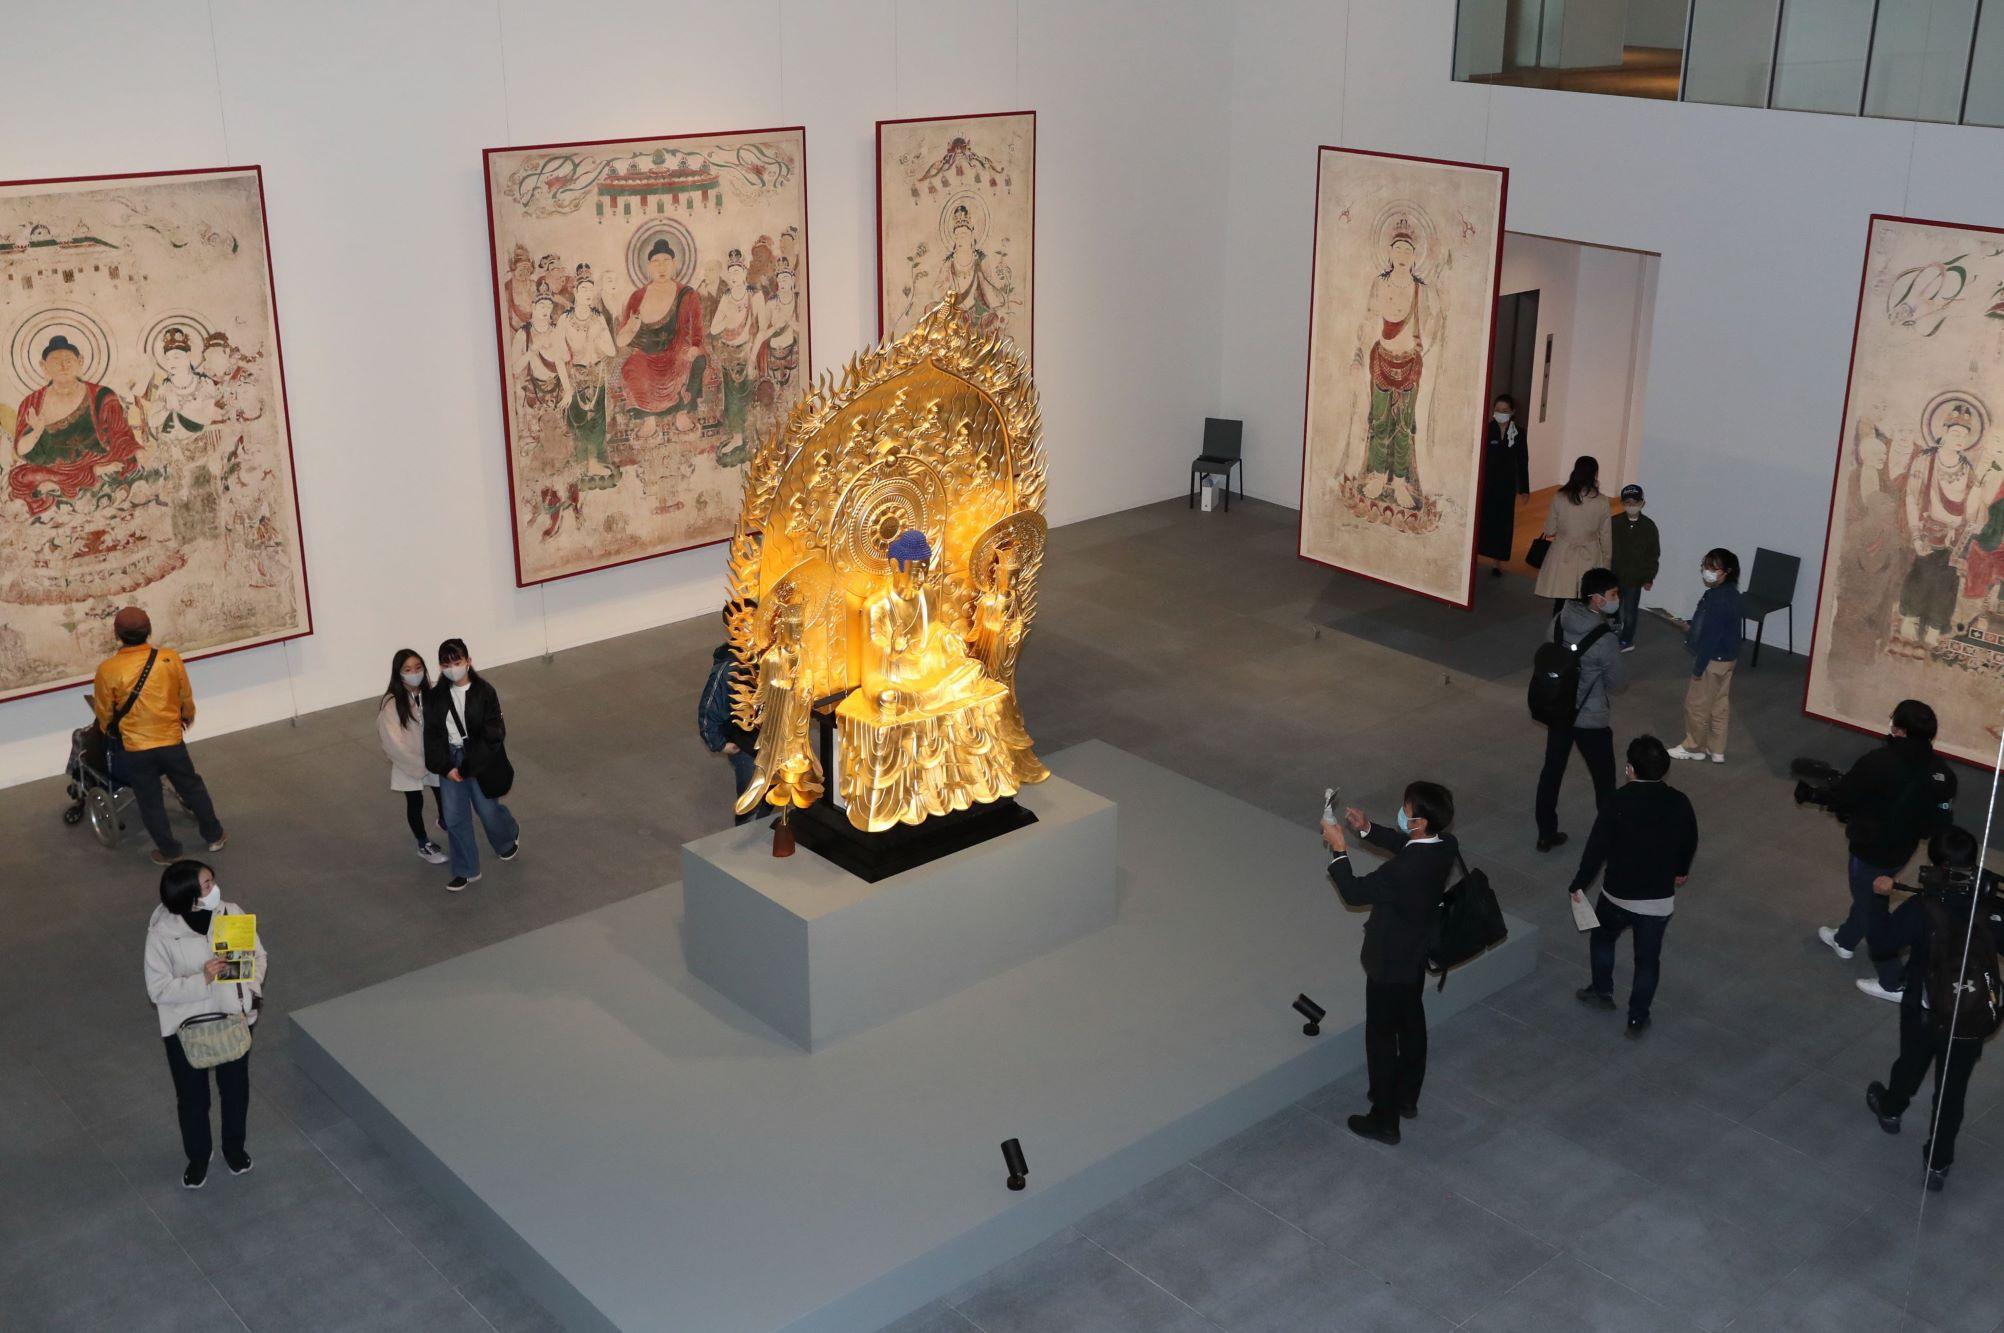 長野県立美術館 開館初日に5500人